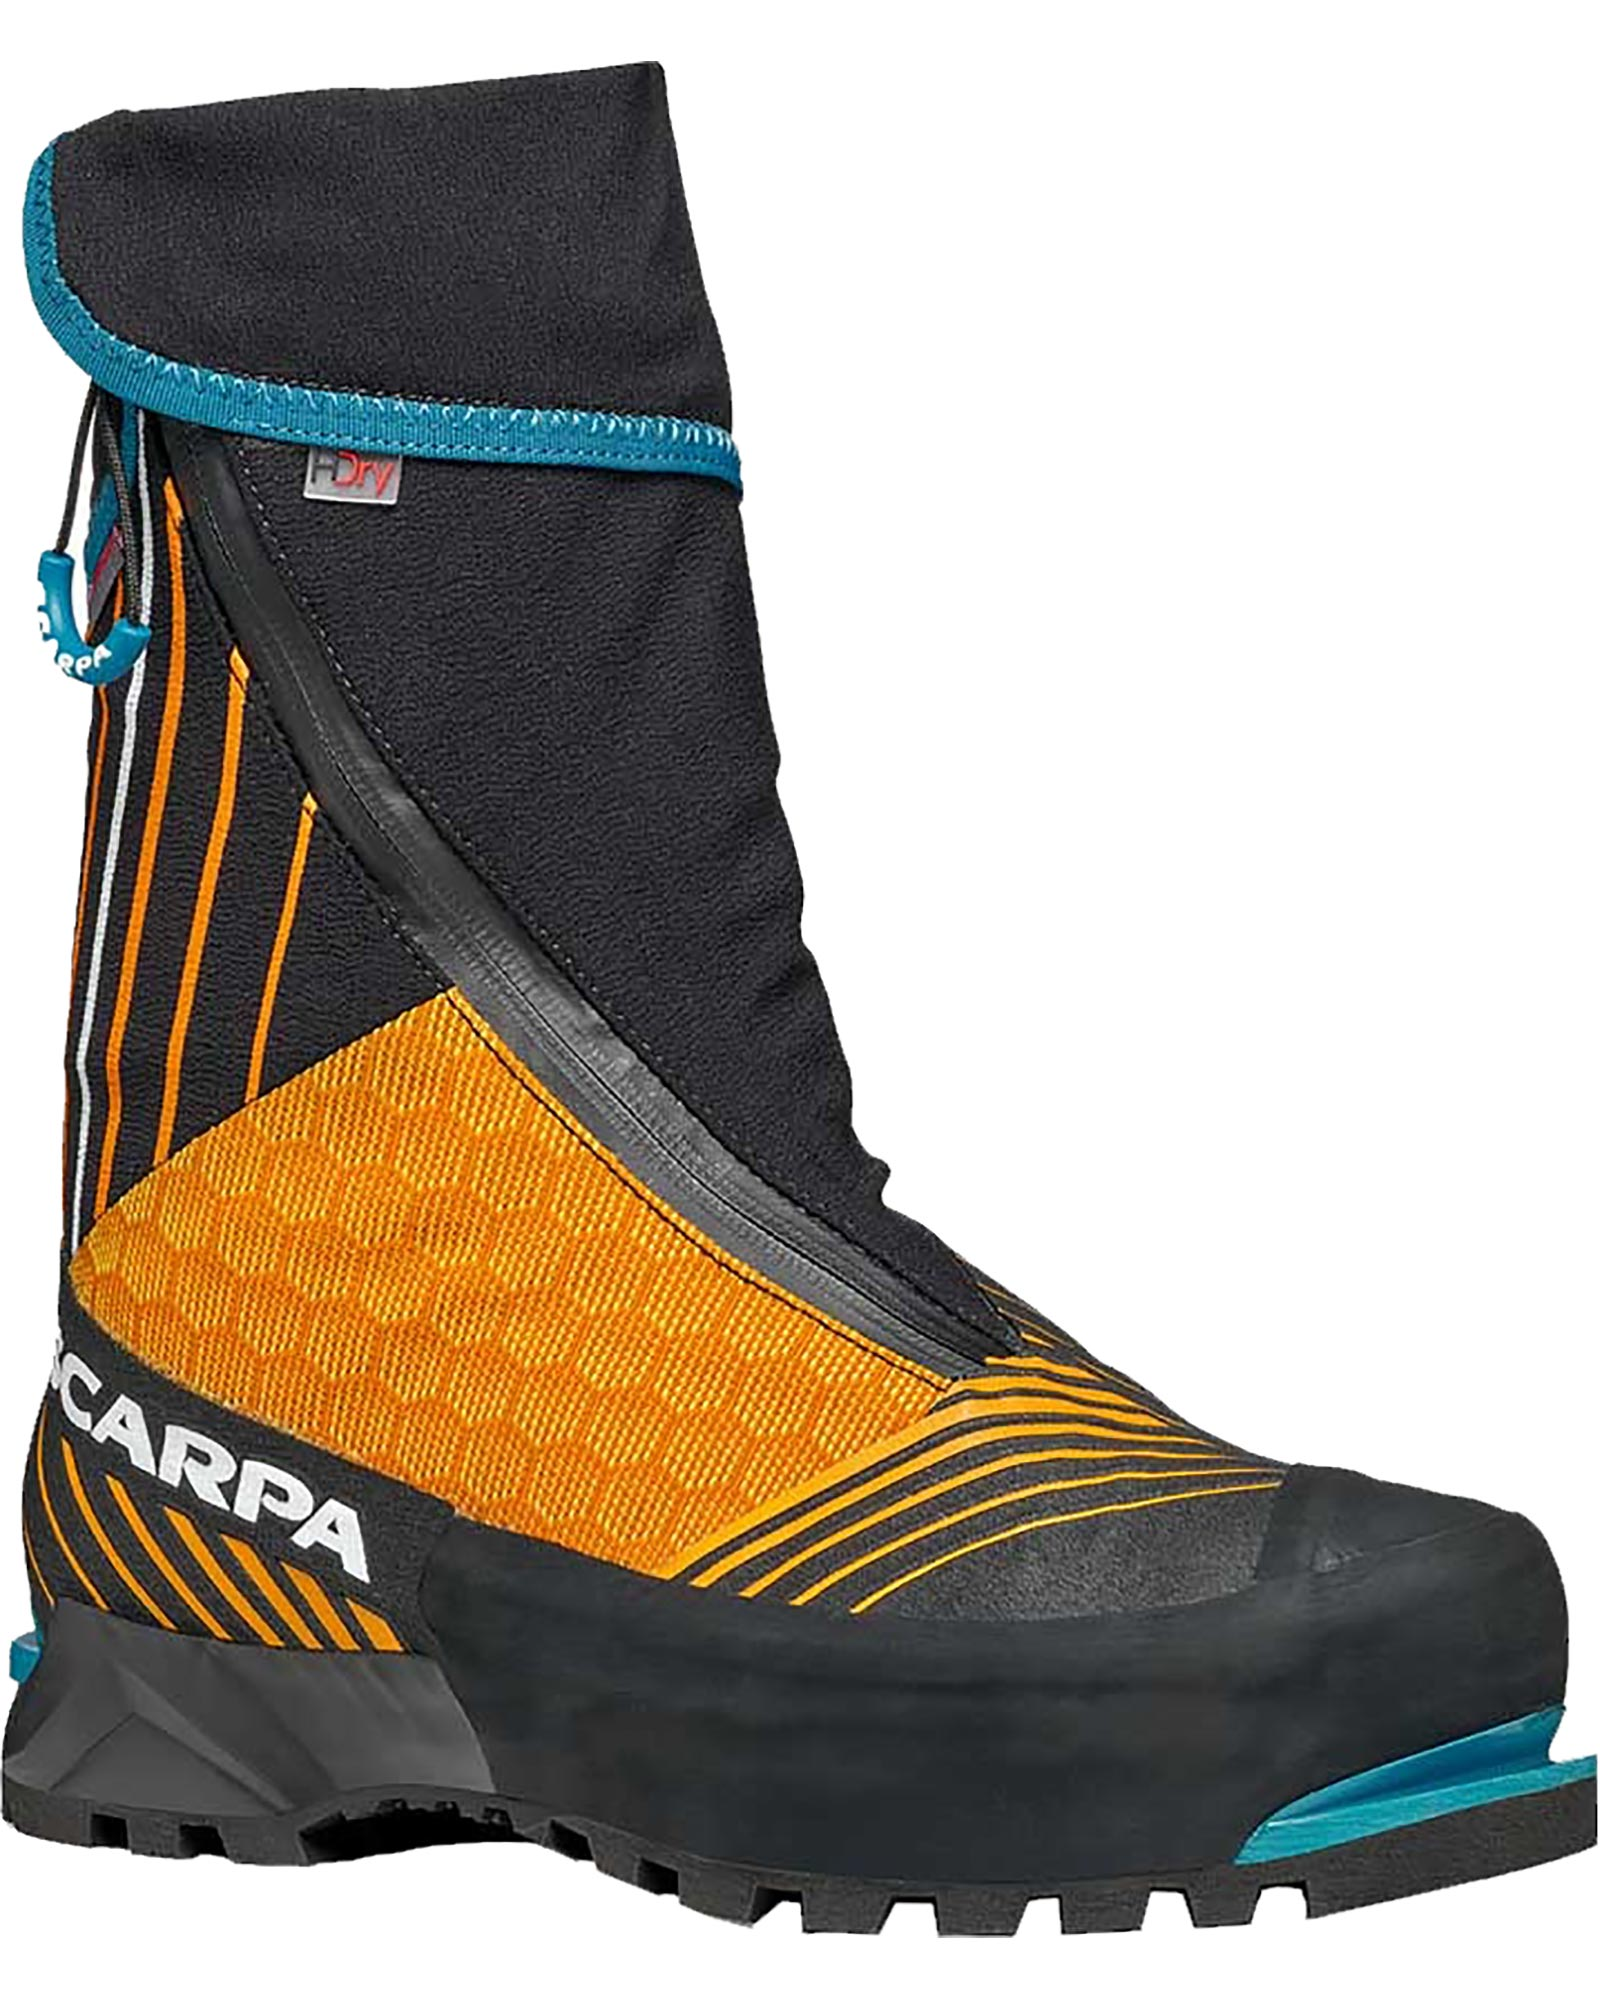 Salomon Womens X Ultra Mid 2 Gore-tex Walking Boots